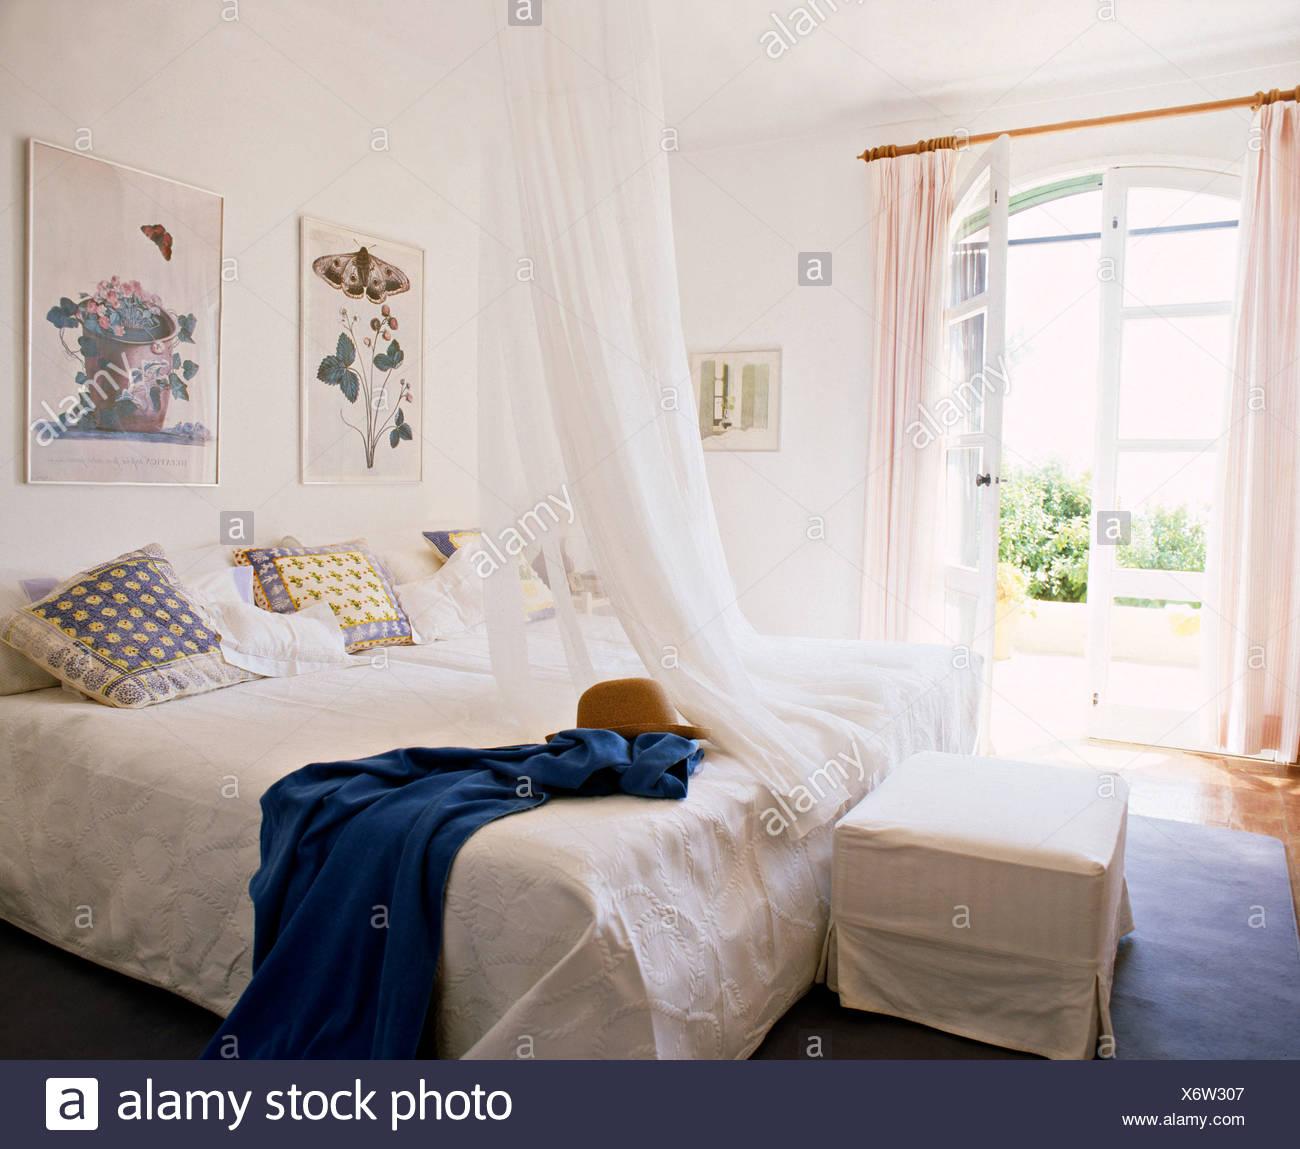 Moustiquaire Blanche Au Dessus De Lit Avec Couvre Lit Blanc Blanc En Lin  Blanc Côtières Chambre Avec Couvercle Desserré Sur La Selle